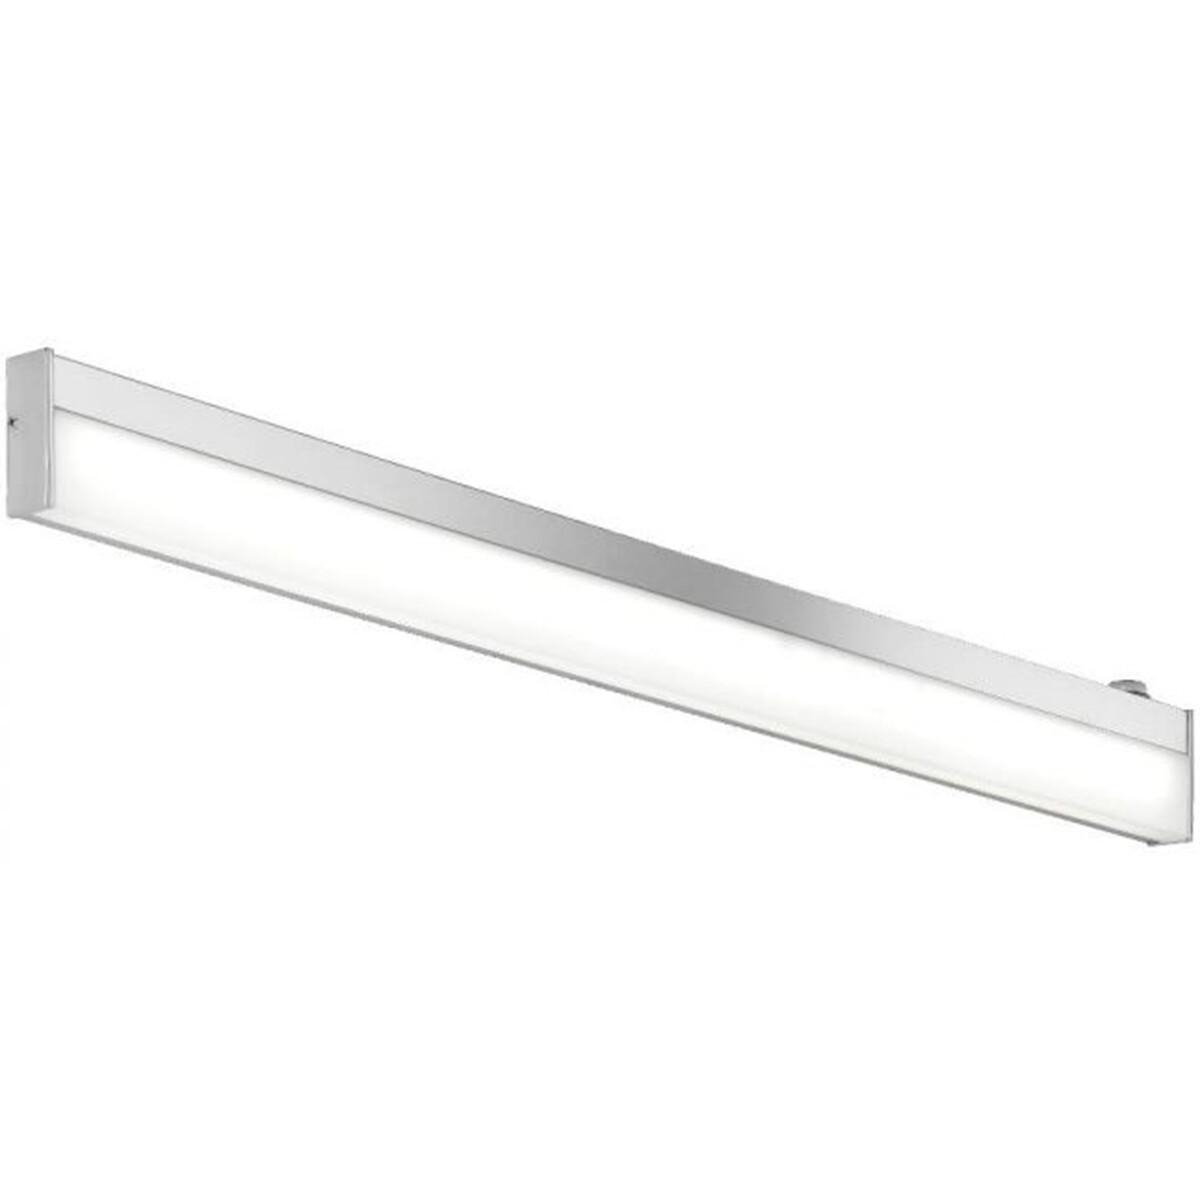 OSRAM - LED Spiegelverlichting - Trion Nalina - 9W - Spatwaterdicht IP44 - Warm Wit 3000K - Glans Ch